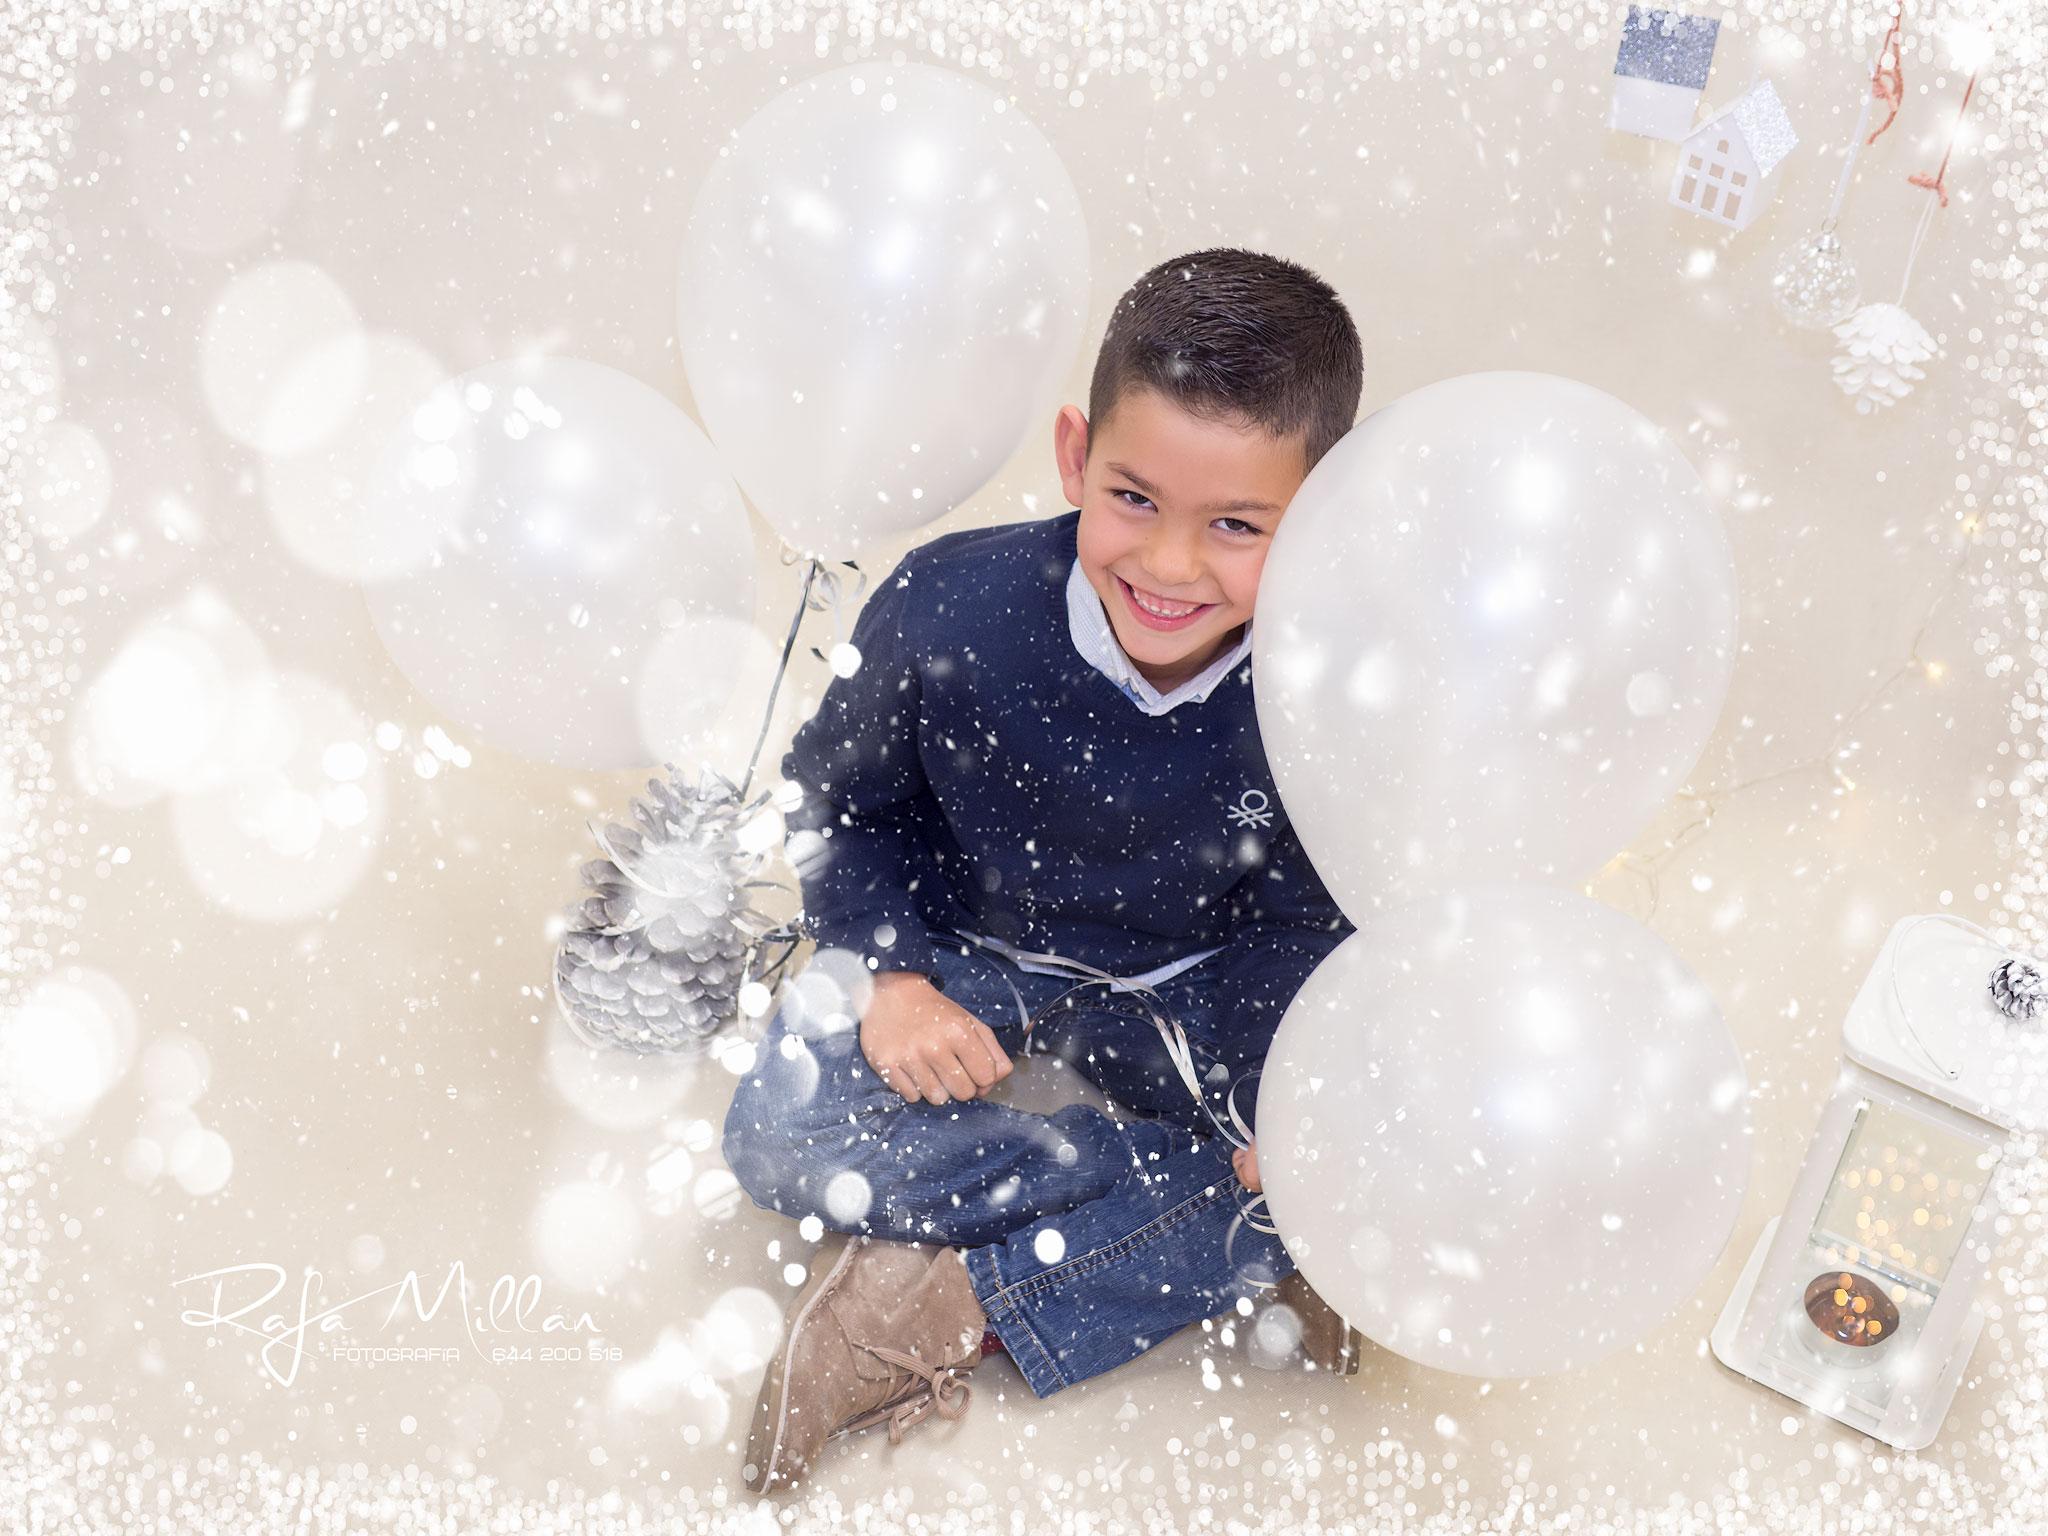 CHRISTMAS FOTOS NIÑOS NAVIDAD